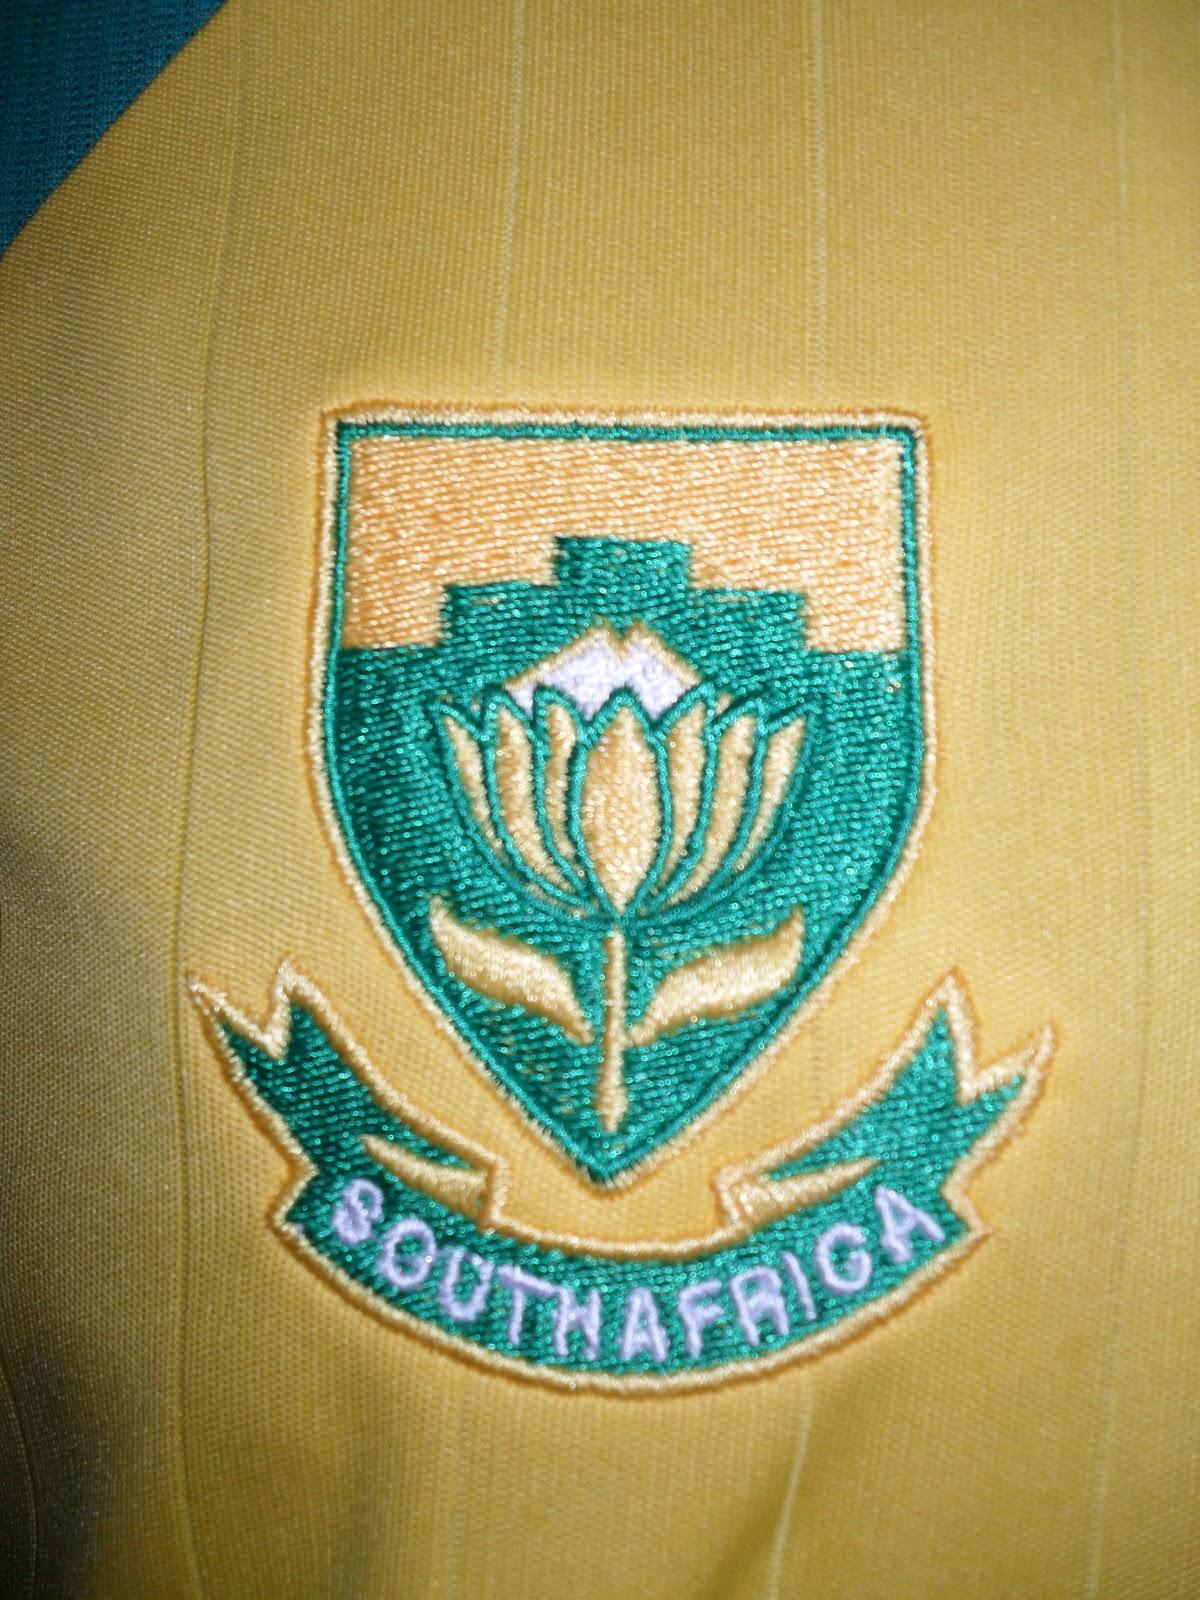 Mon grenier maillots afrique du sud south africa 1998 - Qualification coupe de monde afrique ...